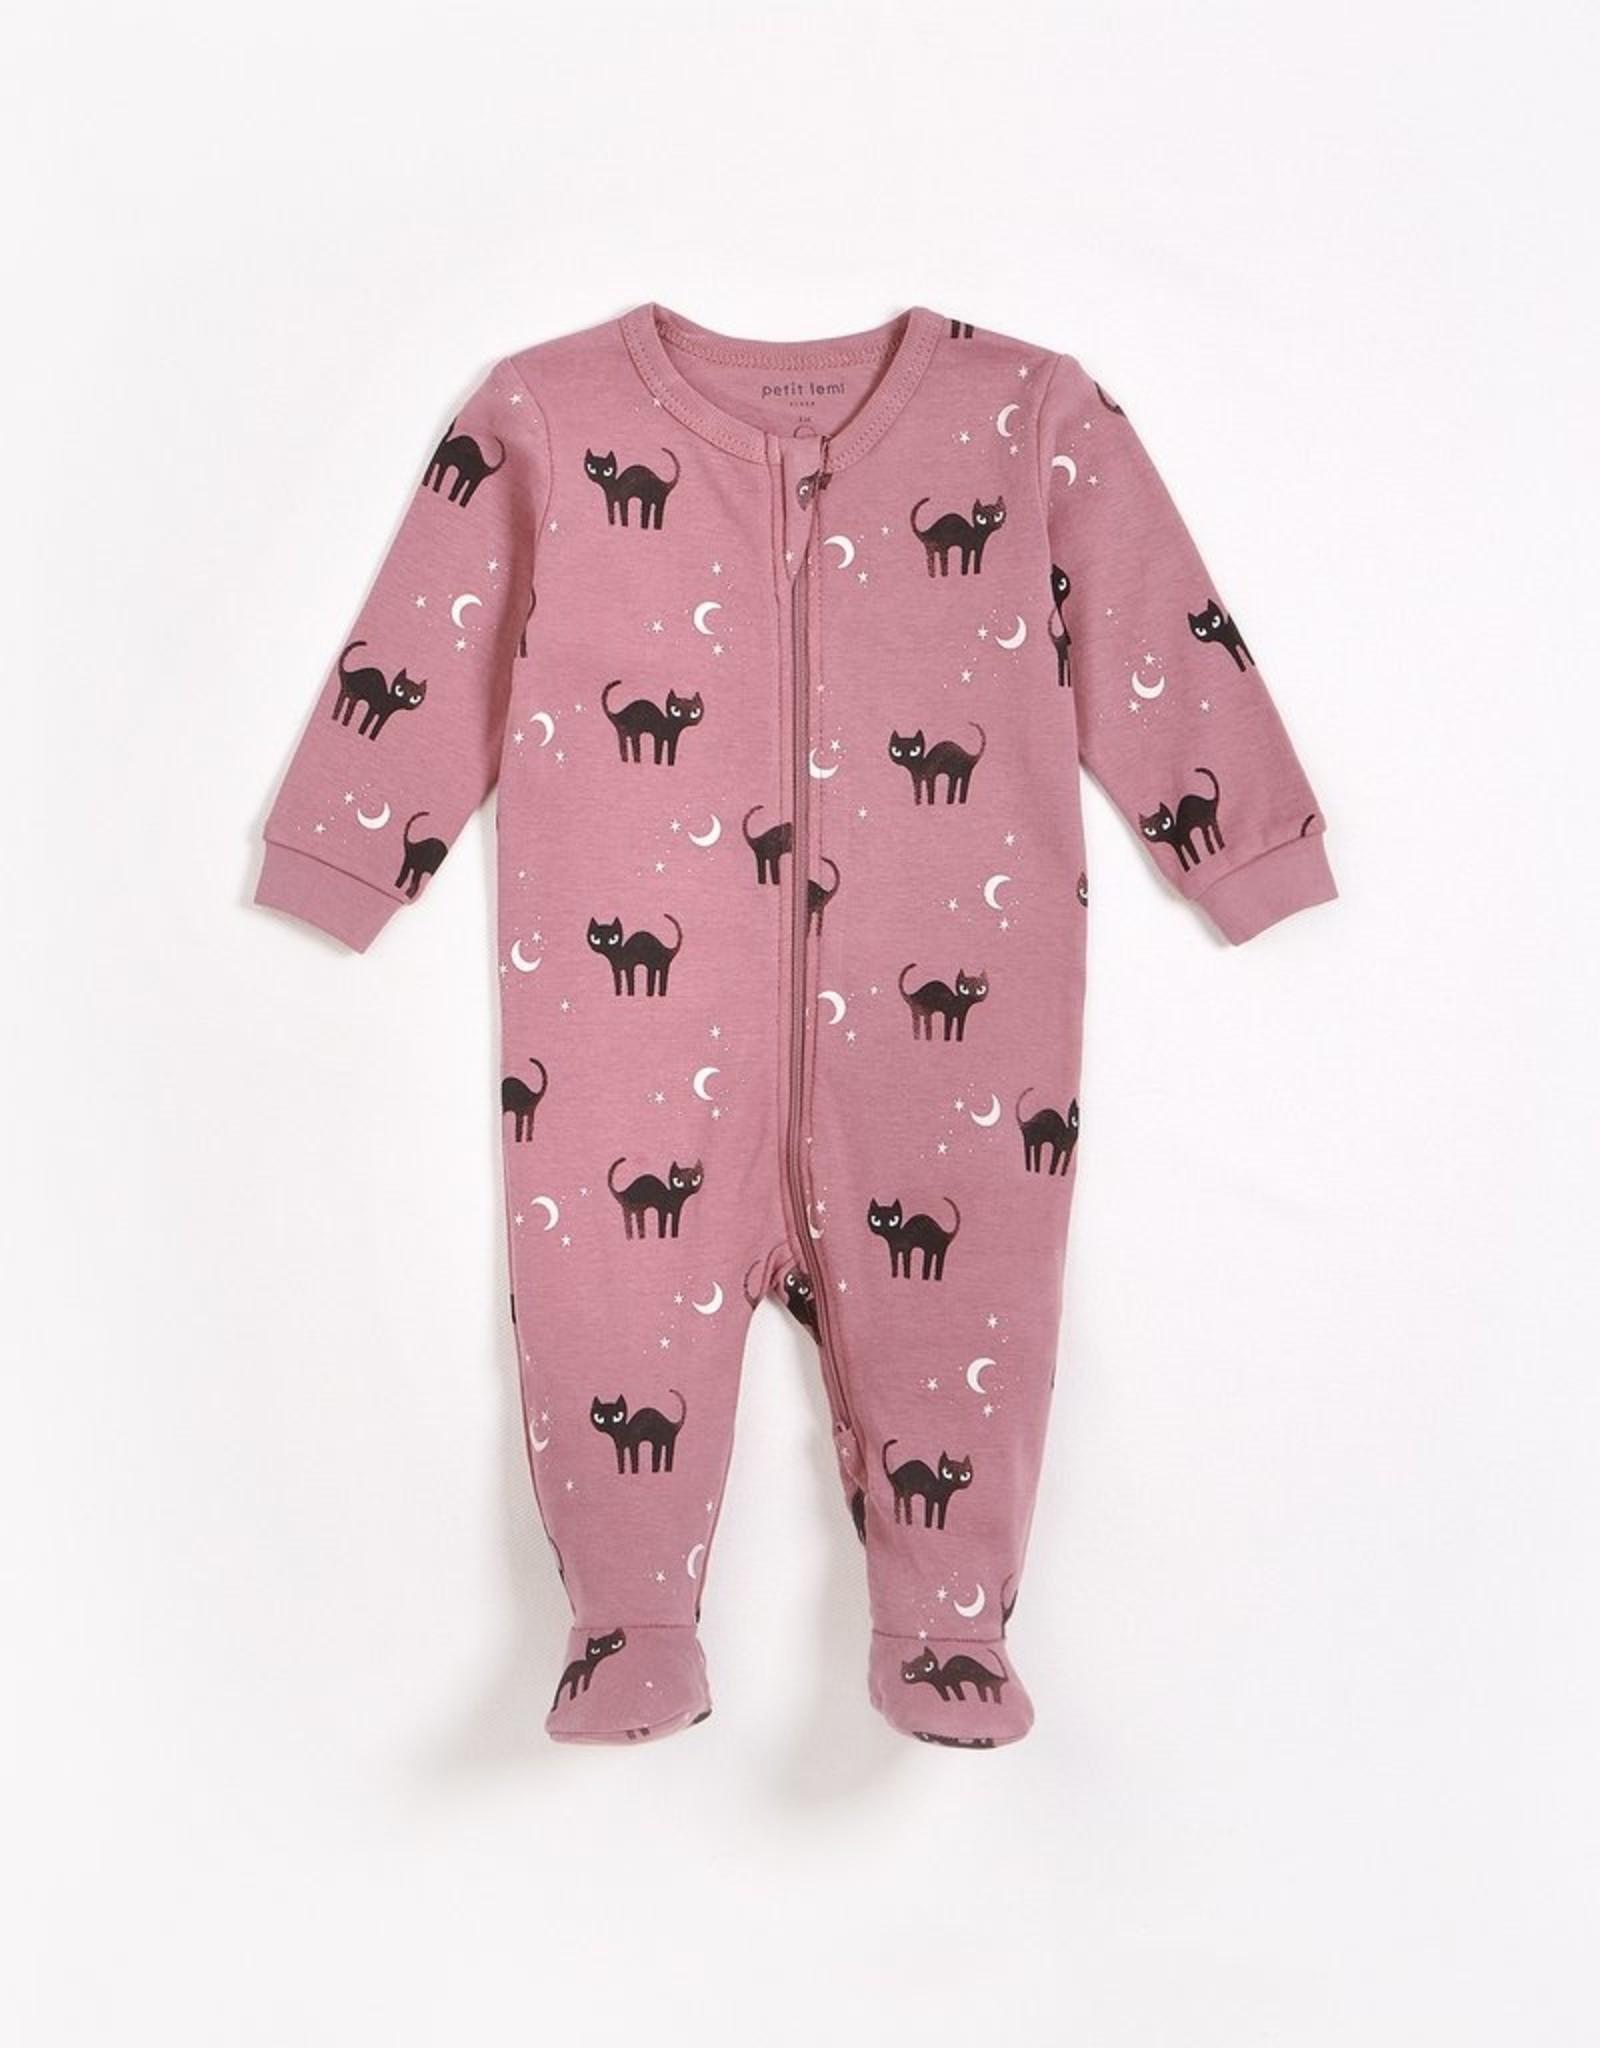 Petit Lem Petit Lem Knit Baby Sleeper Dusty Pink Cats